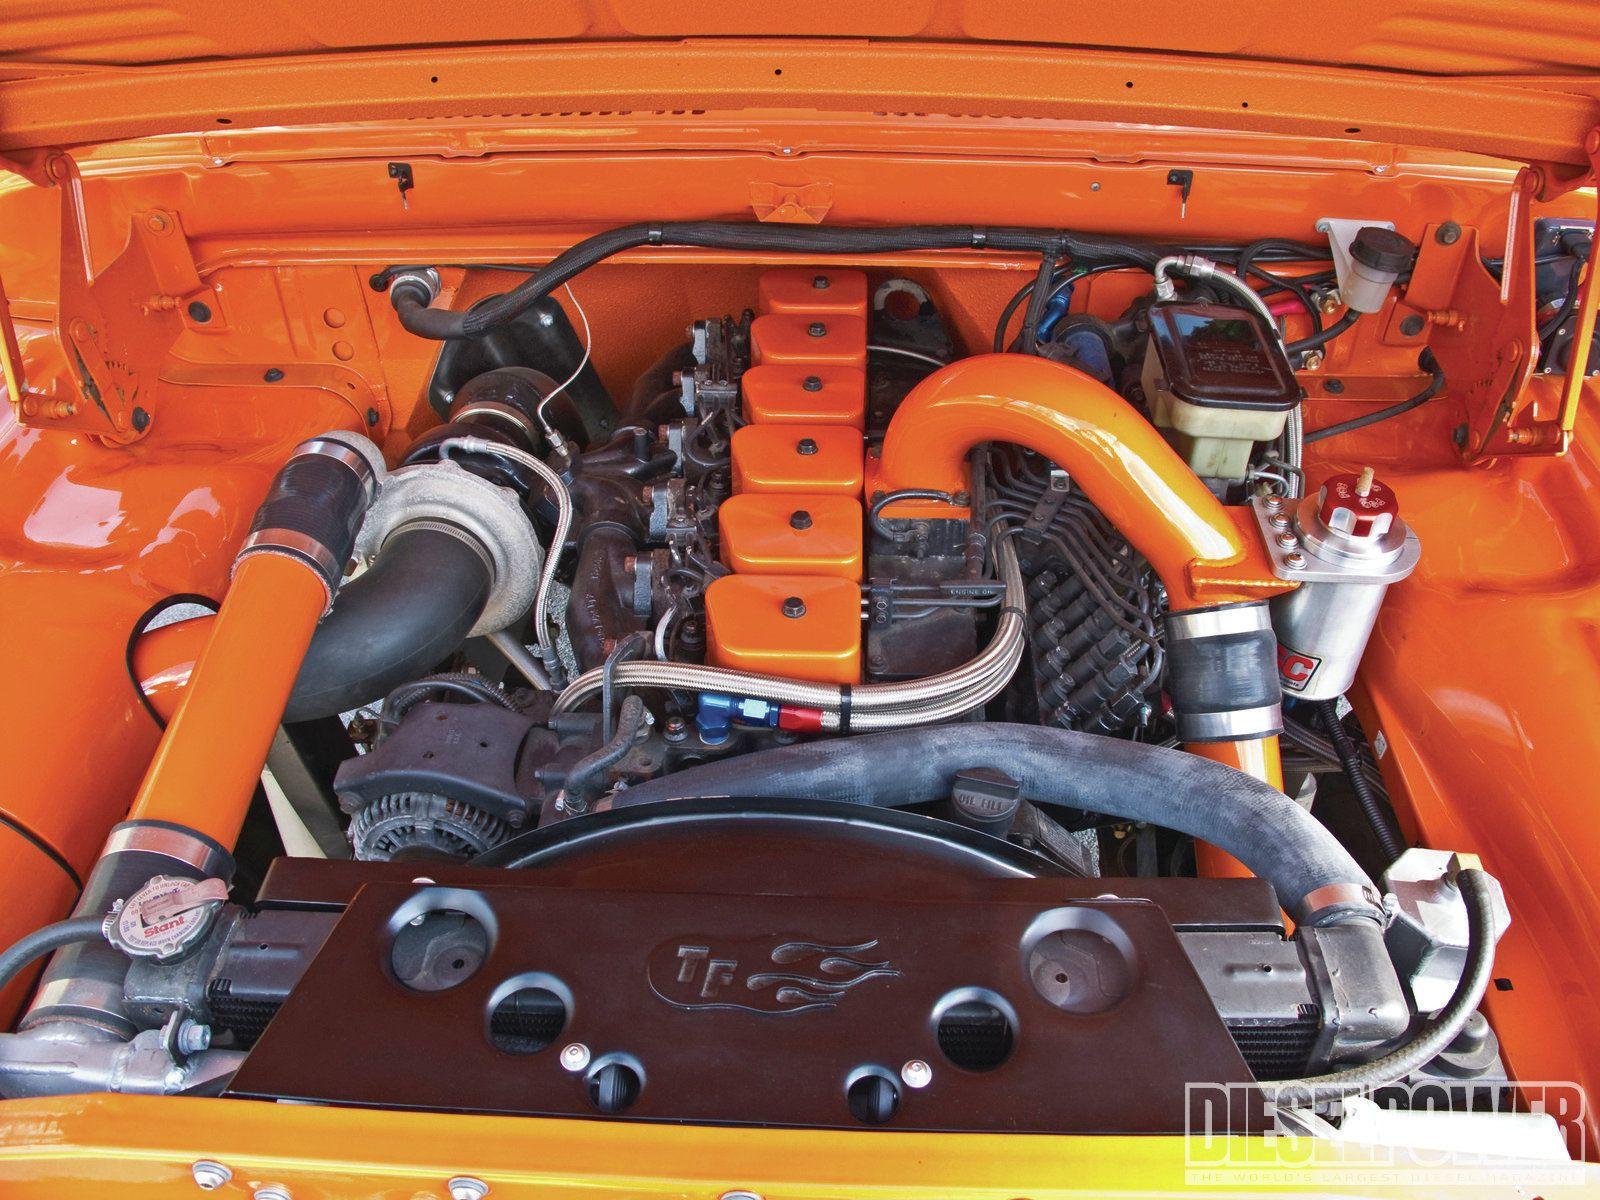 Cummins 12 Valve Engine Cummins diesel engines, Cummins